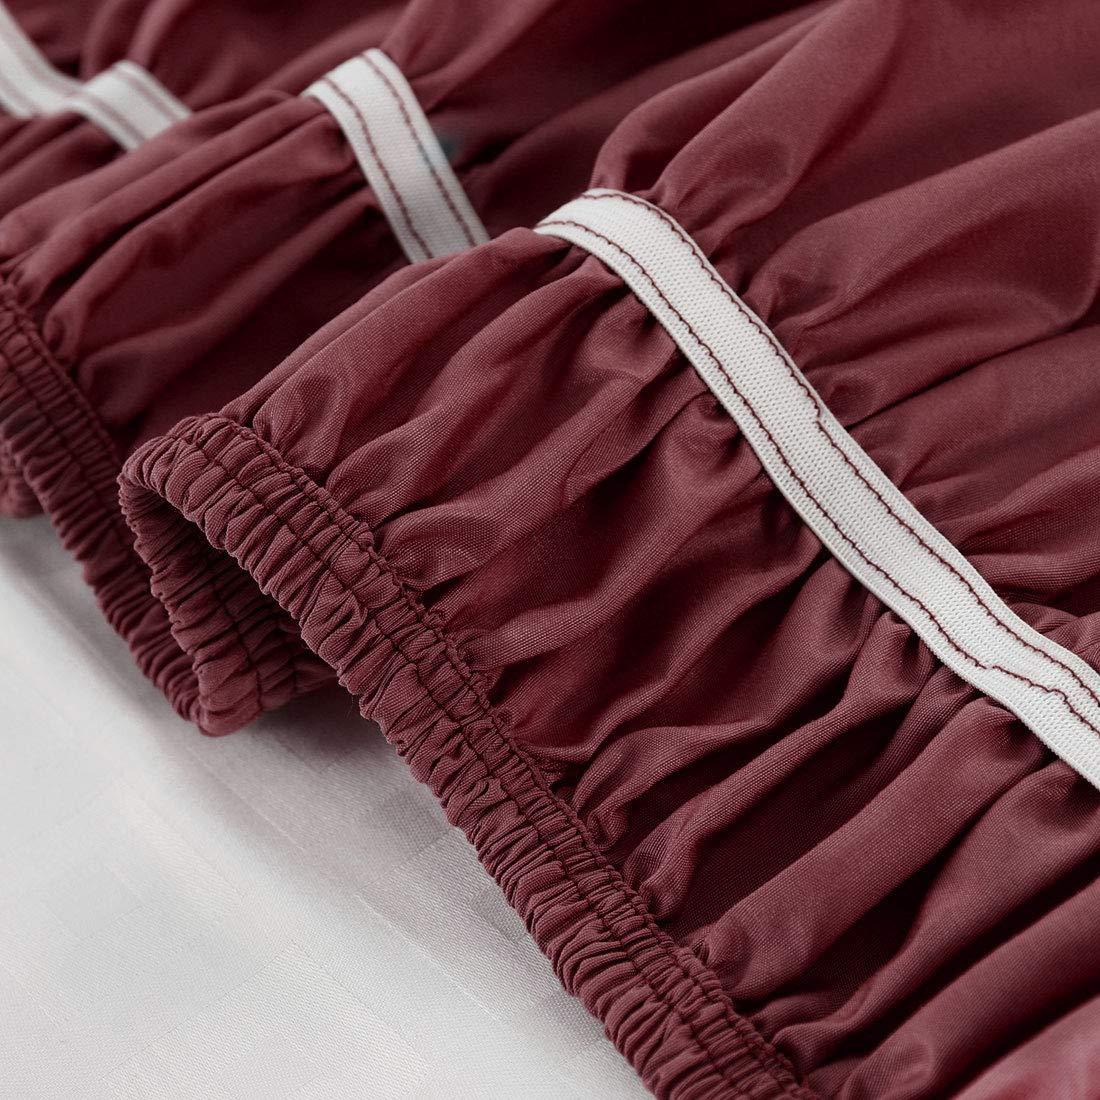 /avec 38,1/cm de Hauteur Piccocasa bross/é Polyester Base Tour de lit en Tissu de Trois c/ôt/és /élastique poussi/ère /à Volants/ Super King: 78 x 80 inch Violet Clair